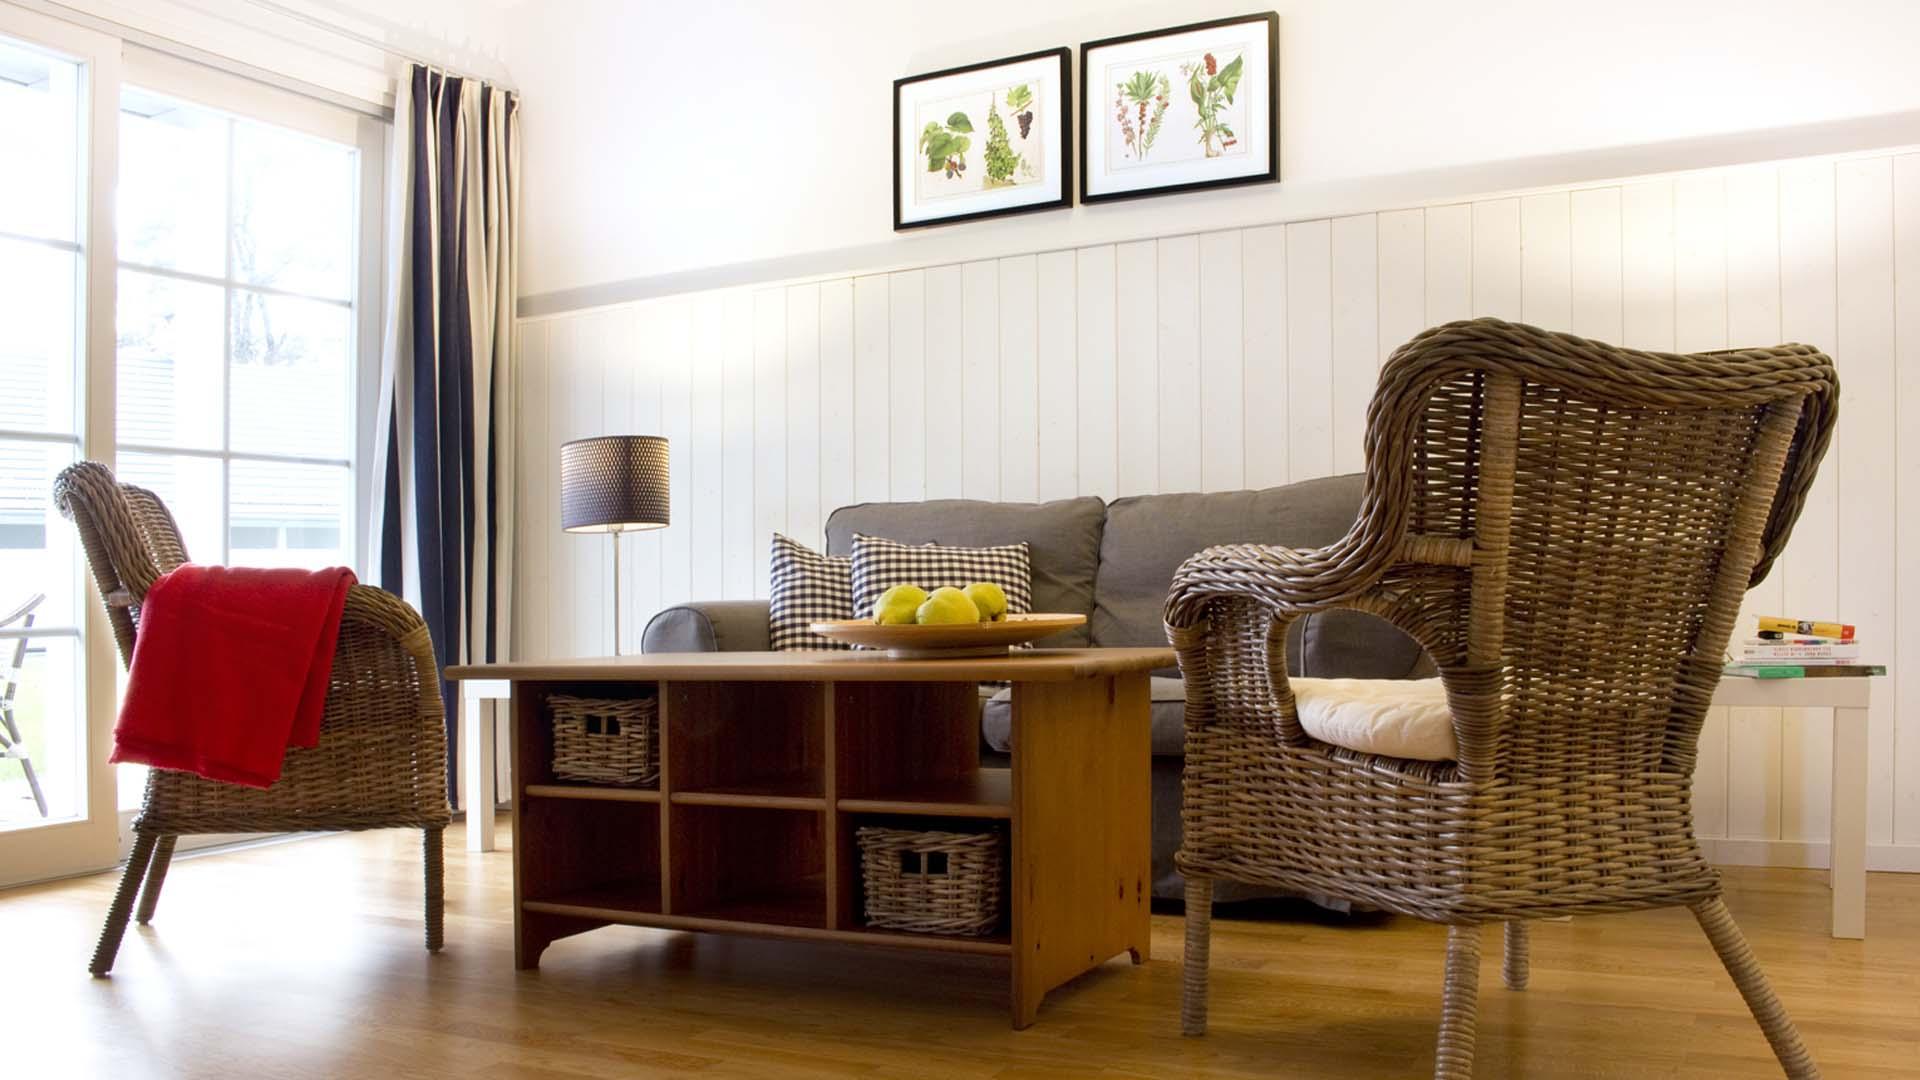 Sitzecke im Wohnzimmer eines Apartments